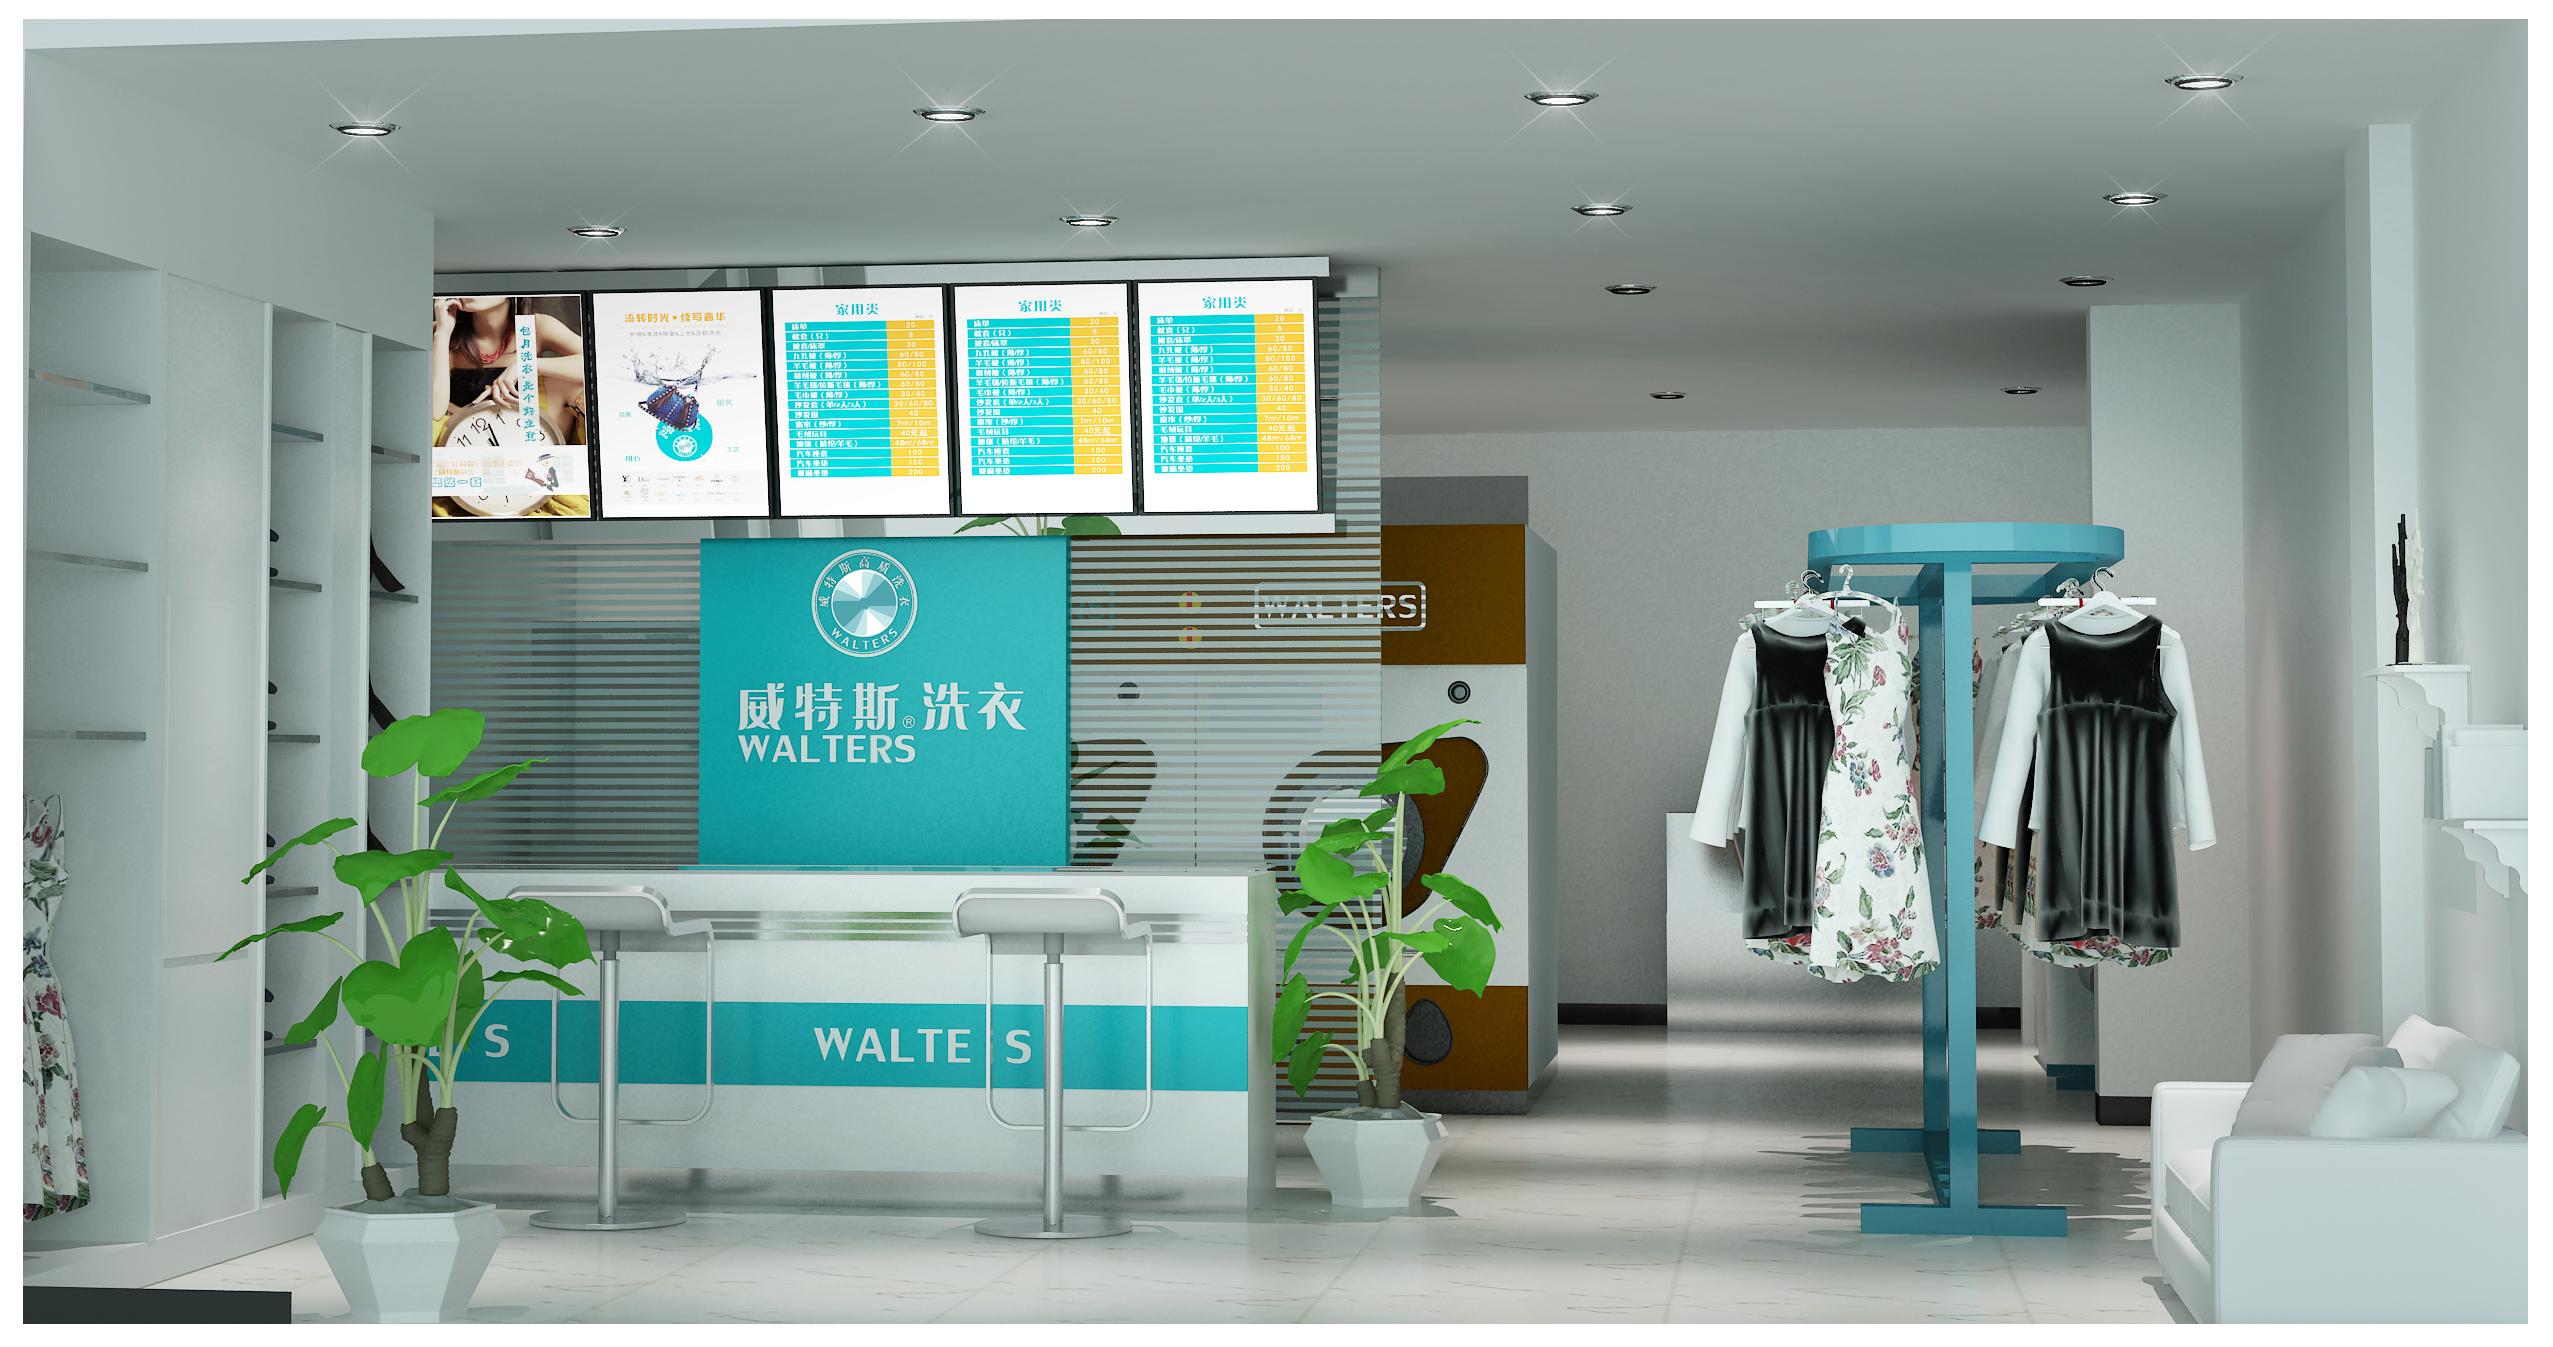 加盟威特斯国际洗衣干洗连锁品牌怎么样